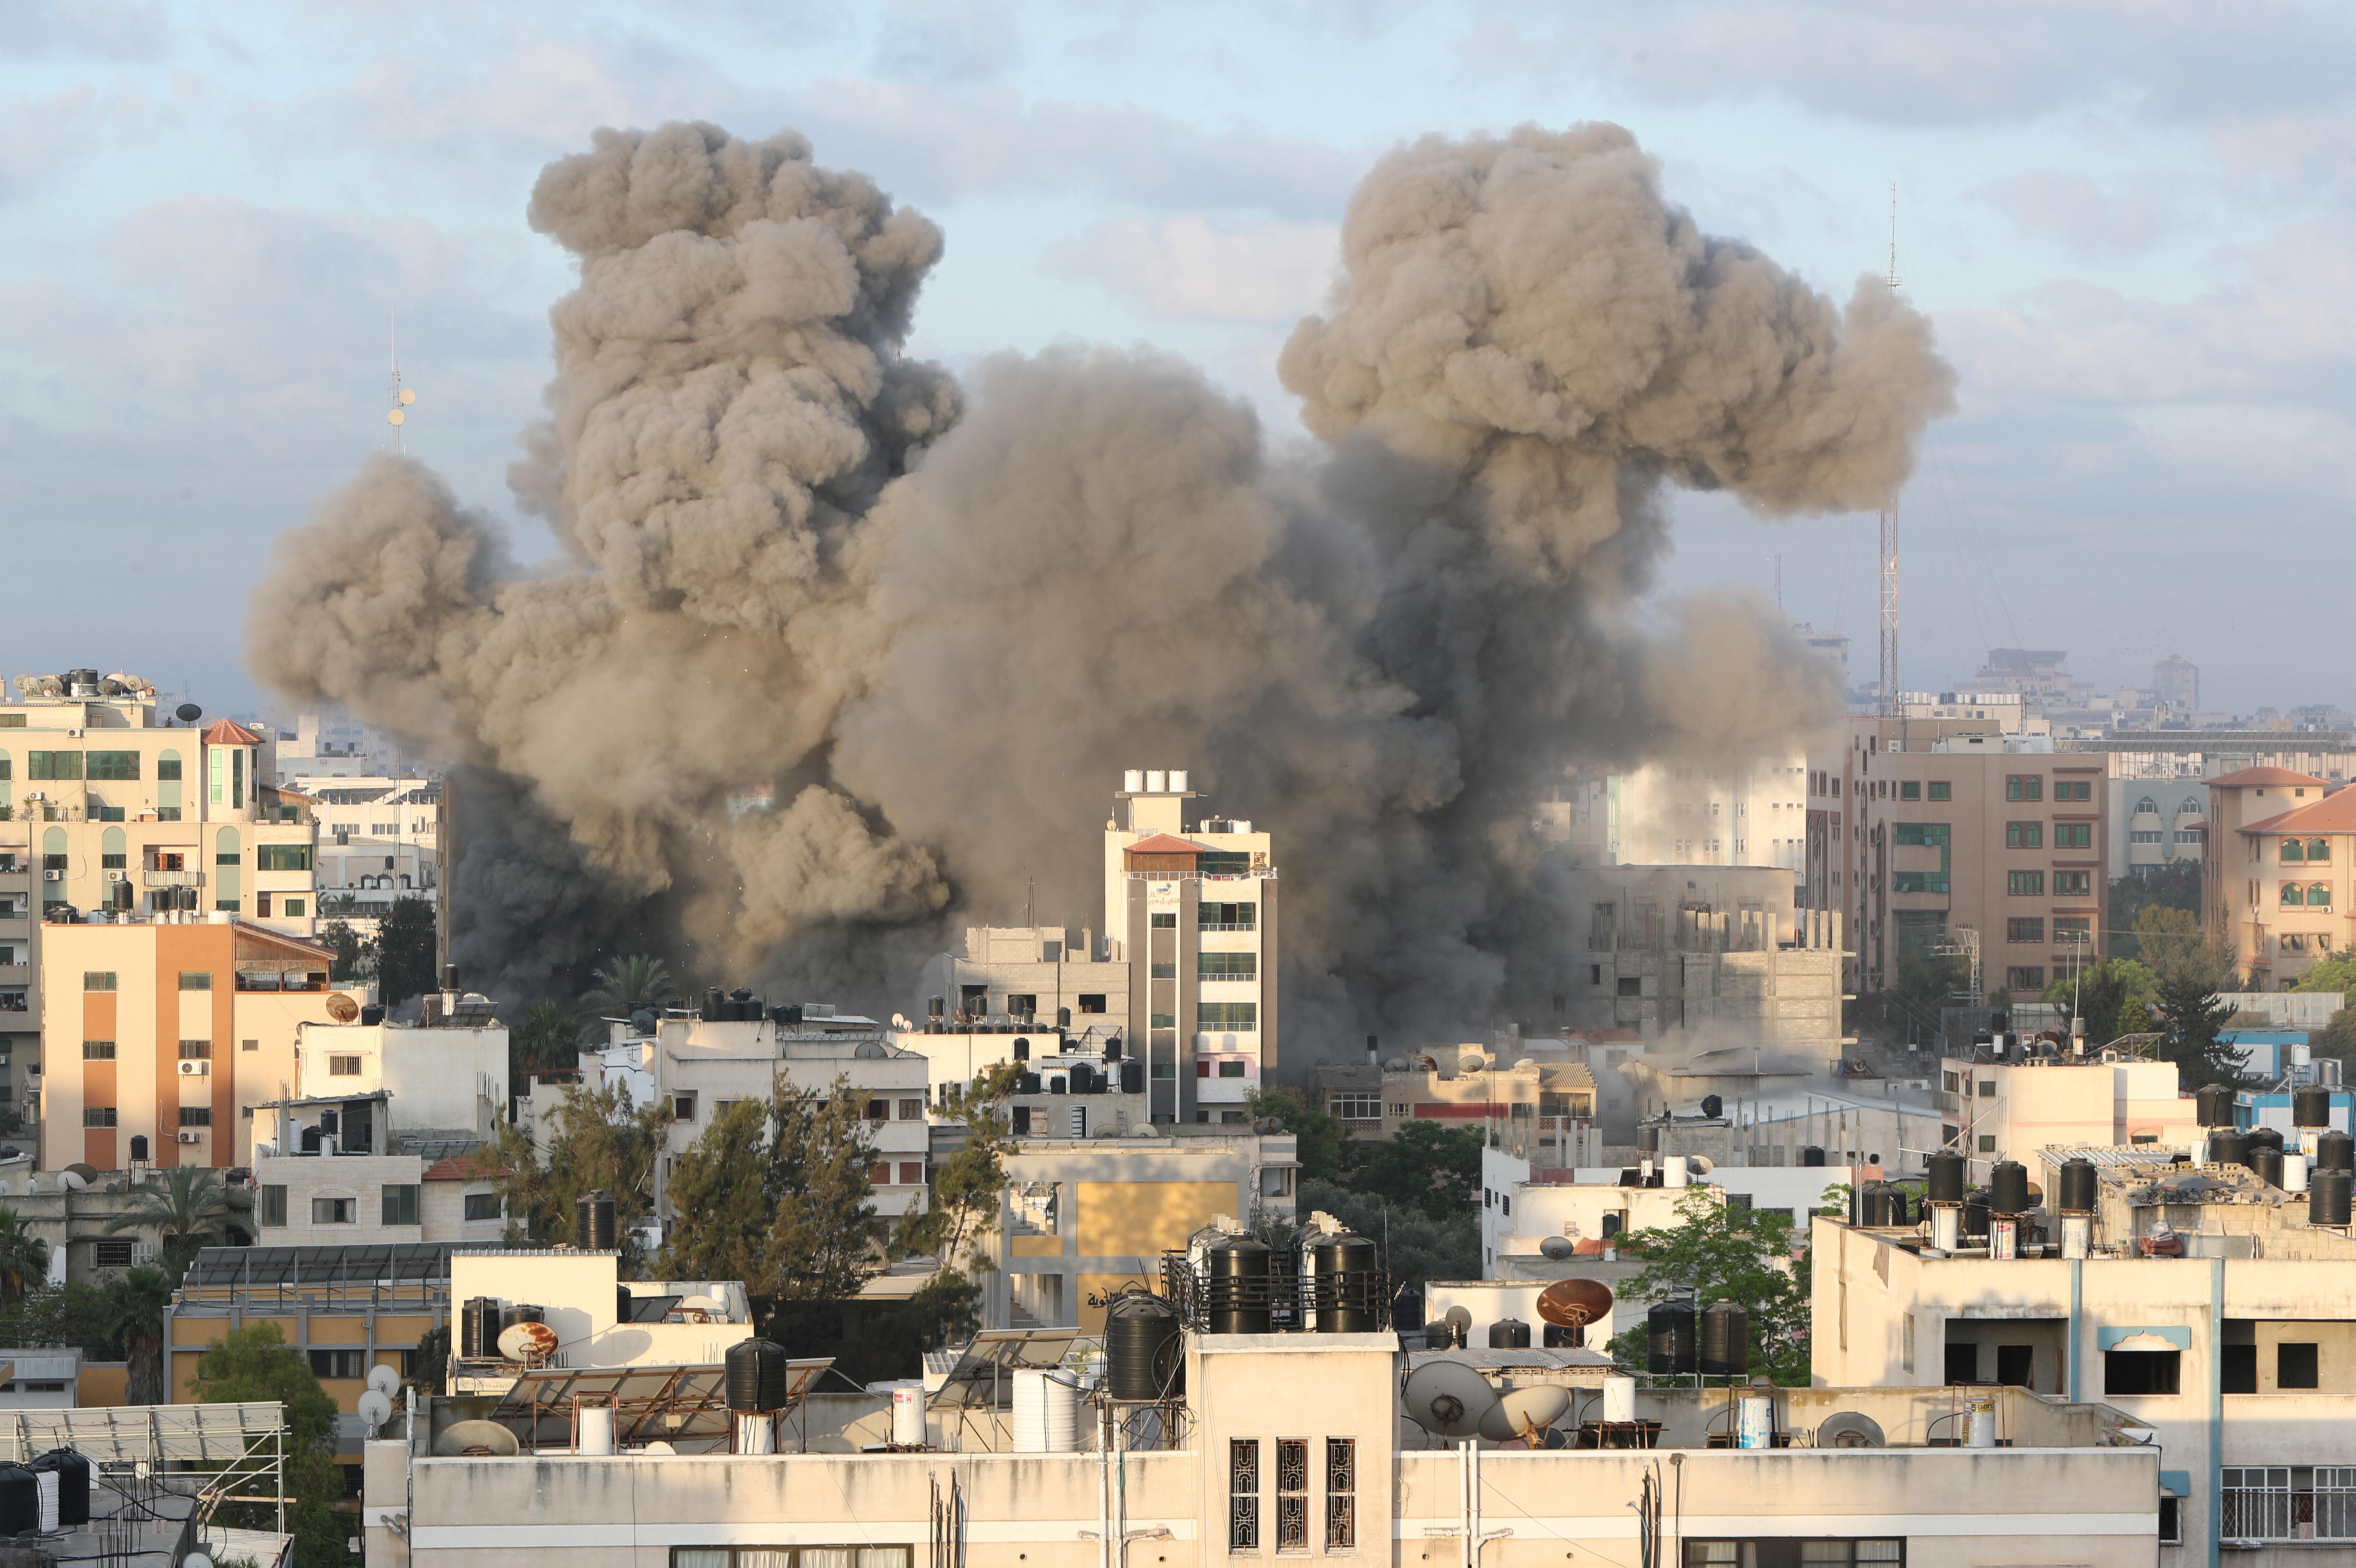 El humo se eleva tras un ataque aéreo israelí contra un edificio, en medio de un estallido de los combates entre israelíes y palestinos, en la ciudad de Gaza el 18 de mayo de 2021. REUTERS / Mohammed Salem